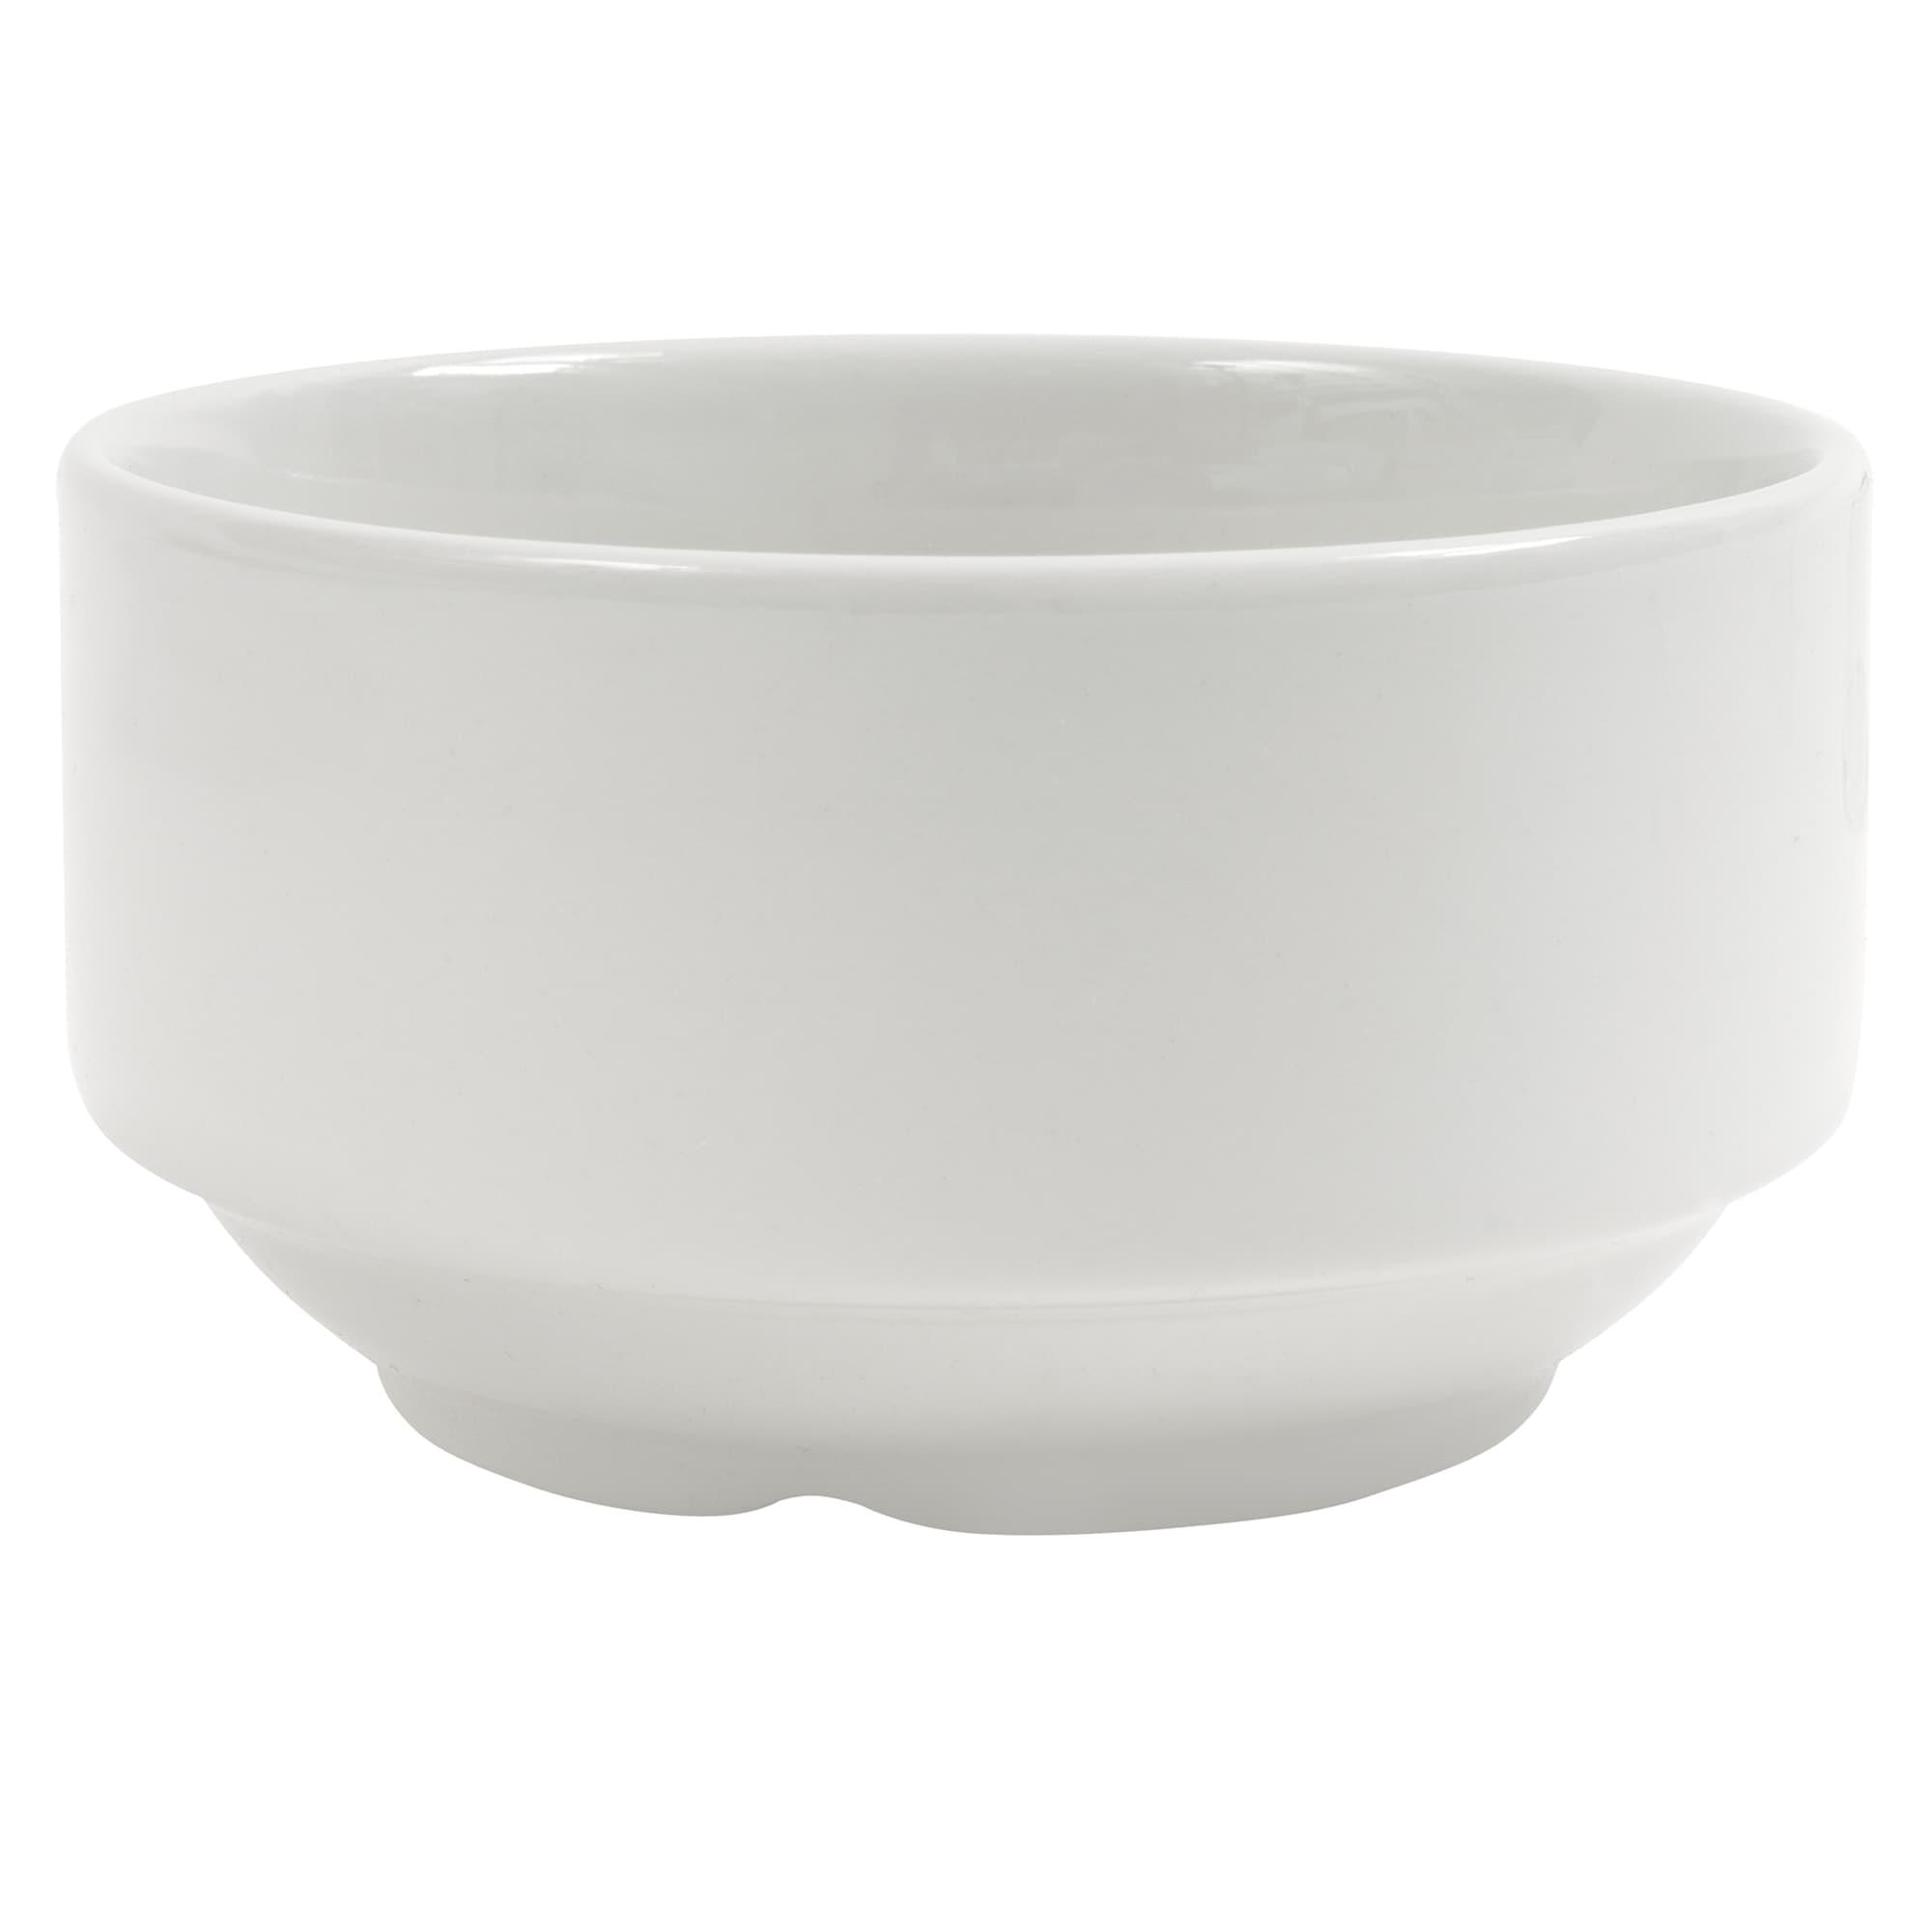 Churchill WHNSU1 14 oz Soup Bowl - Ceramic, White